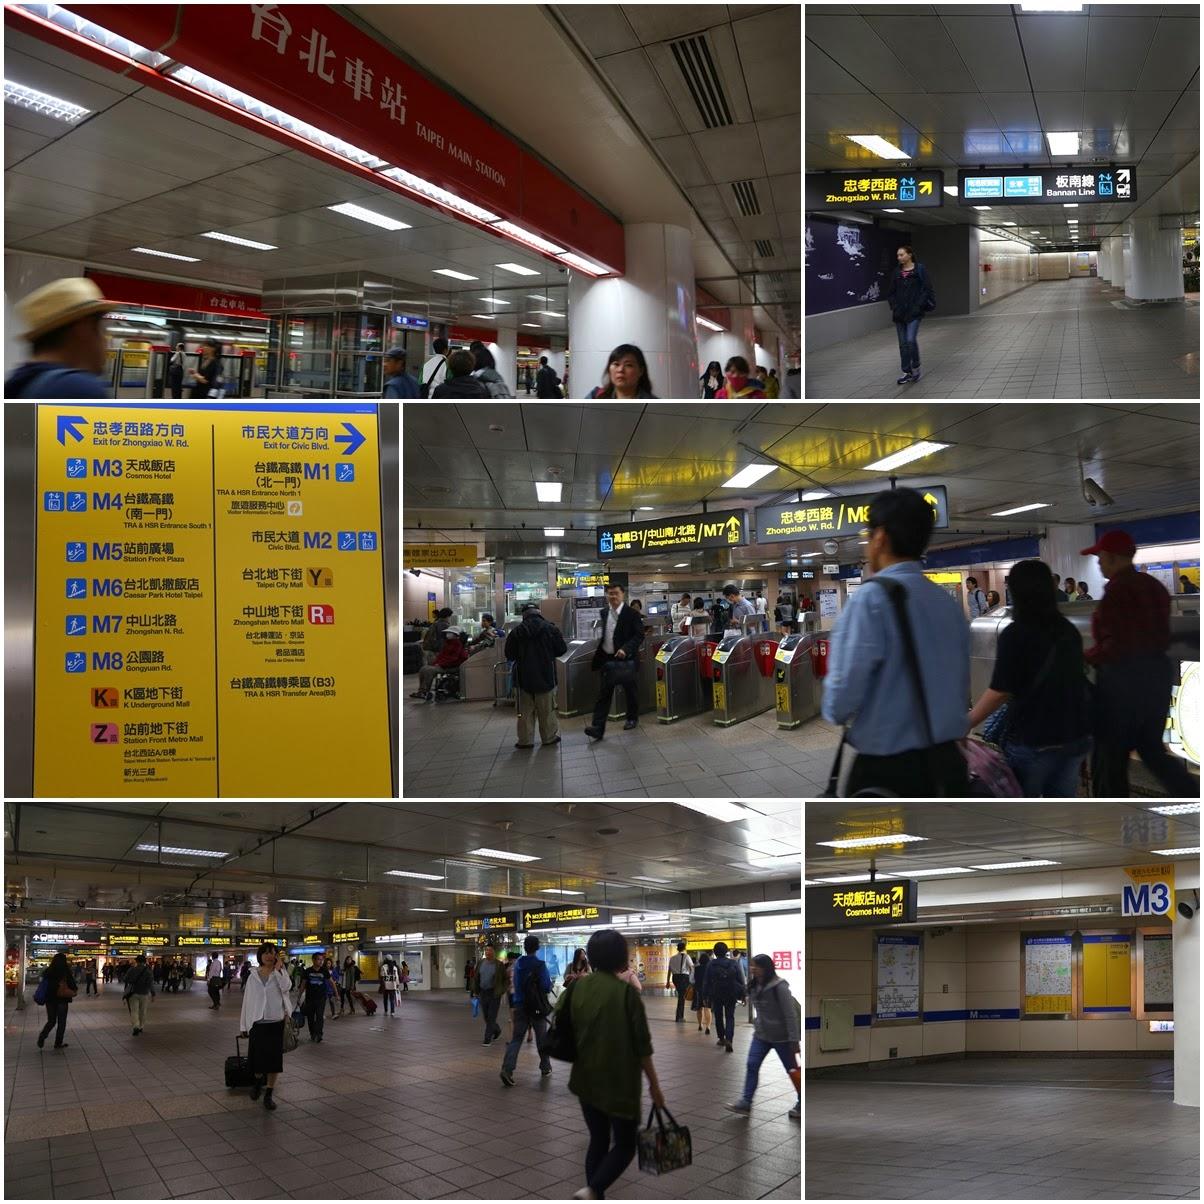 晴天娃娃: 2013秋5天臺北烏來Day 4~臺北車站地下街